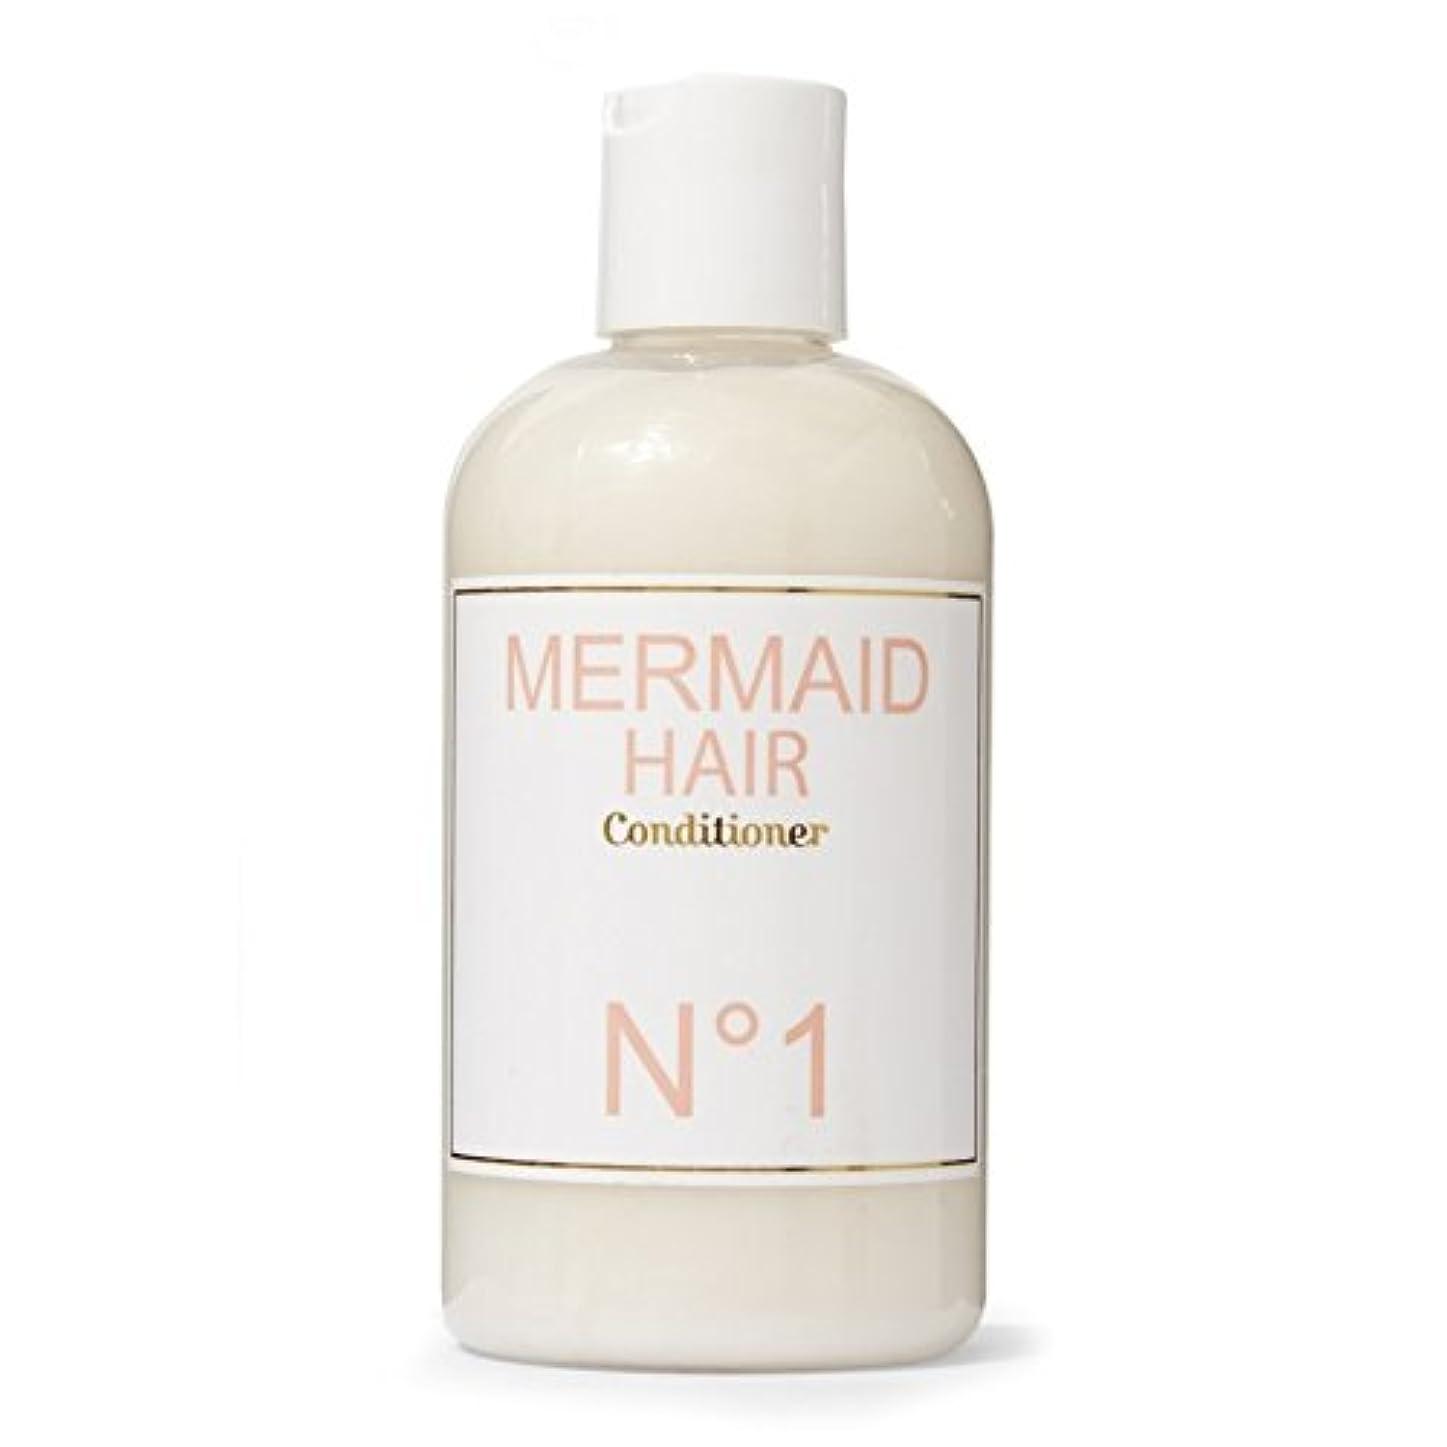 終点シャトルテラスMermaid Perfume Mermaid Conditioner 300ml - 人魚香水人魚コンディショナー300ミリリットル [並行輸入品]